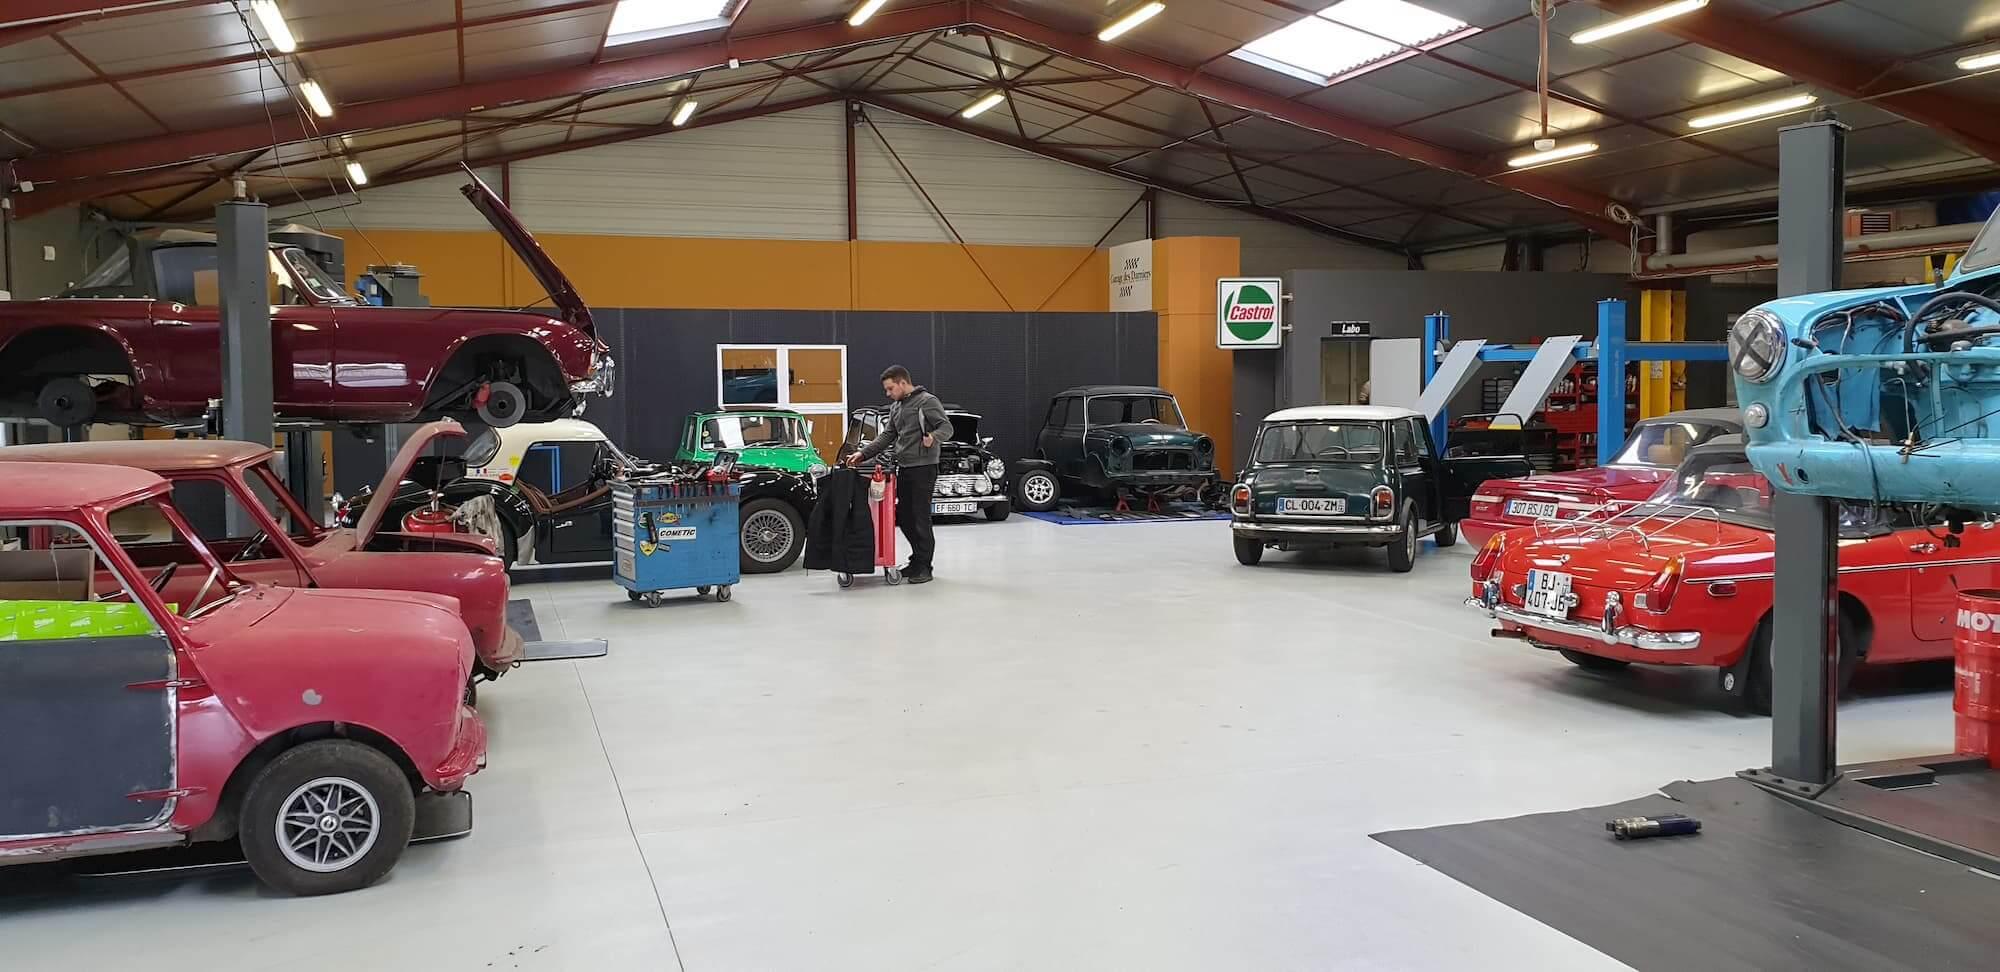 Atelier mécanique pour la préparation et restauration de voiture de course ancienne